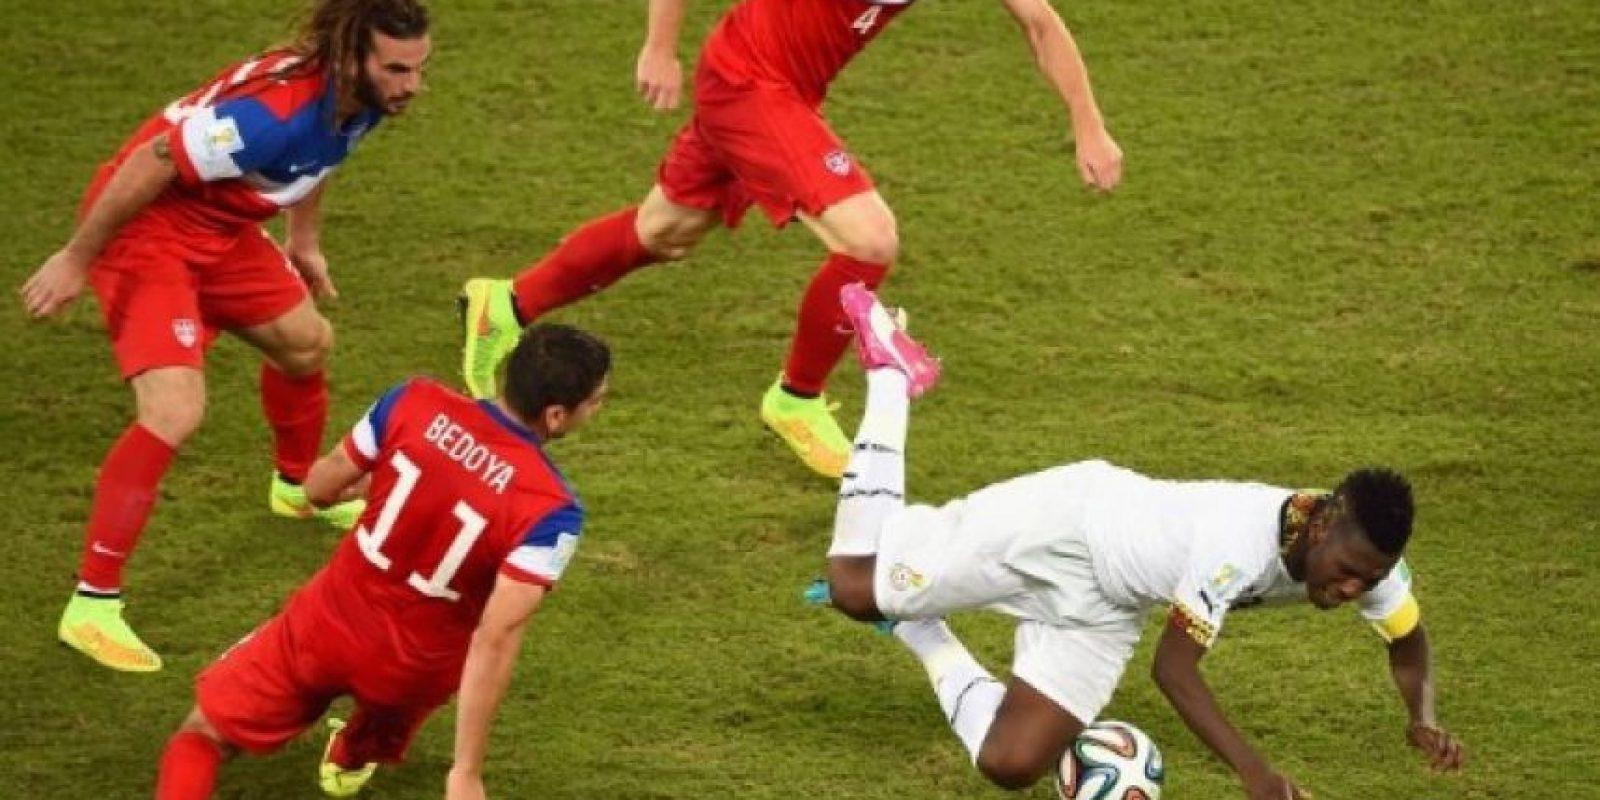 Asamoah Gyan es uno de los futbolistas más reconocidos en Ghana. A sus 28 años ha participado en los Mundiales de Alemania 2006, Sudáfrica 2010 y Brasil 2014; entre otras encuentros. Foto:Getty Images